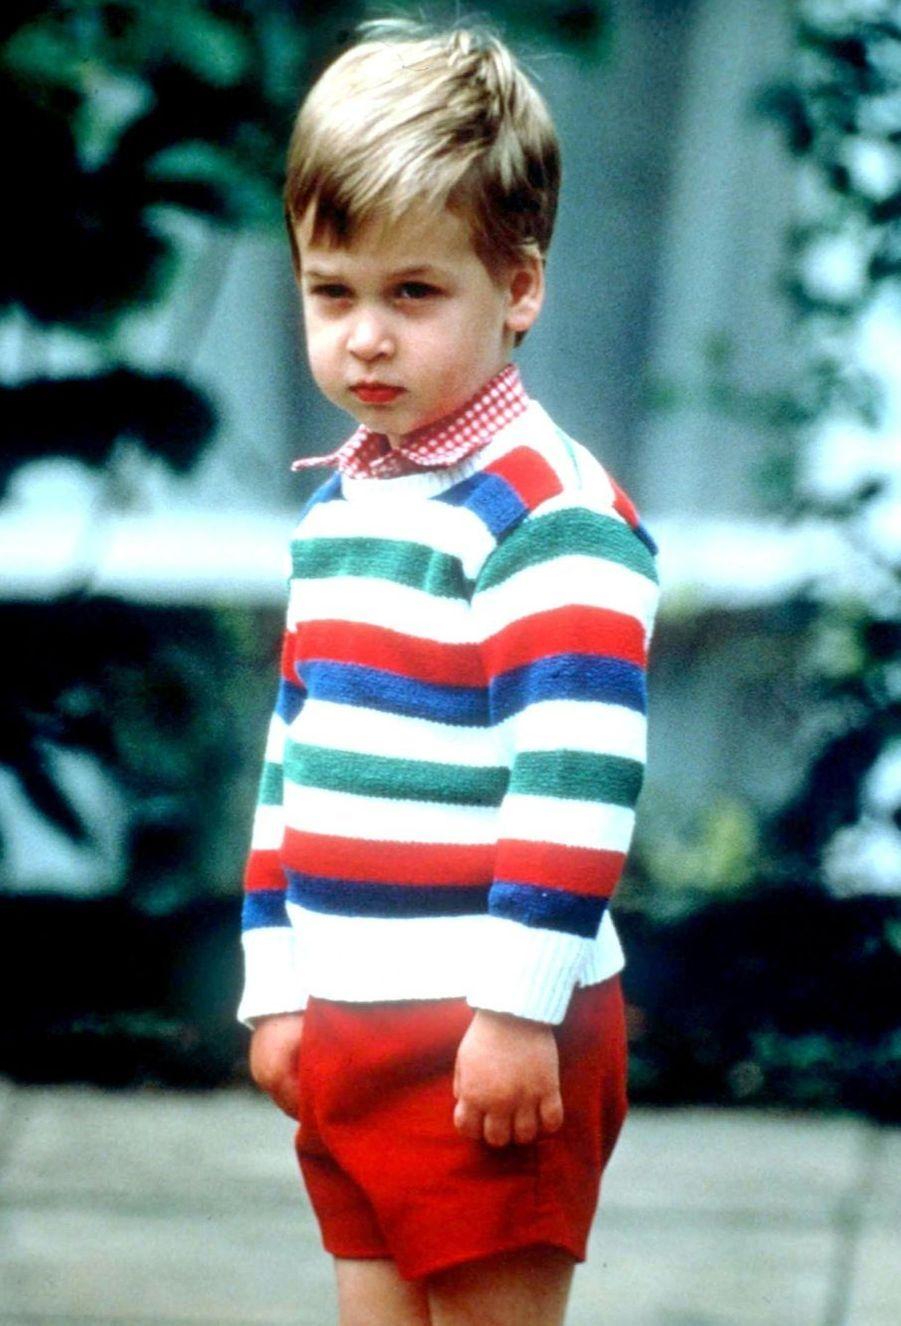 Le prince William, premier jour d'école maternelle, 24 septembre 1985.